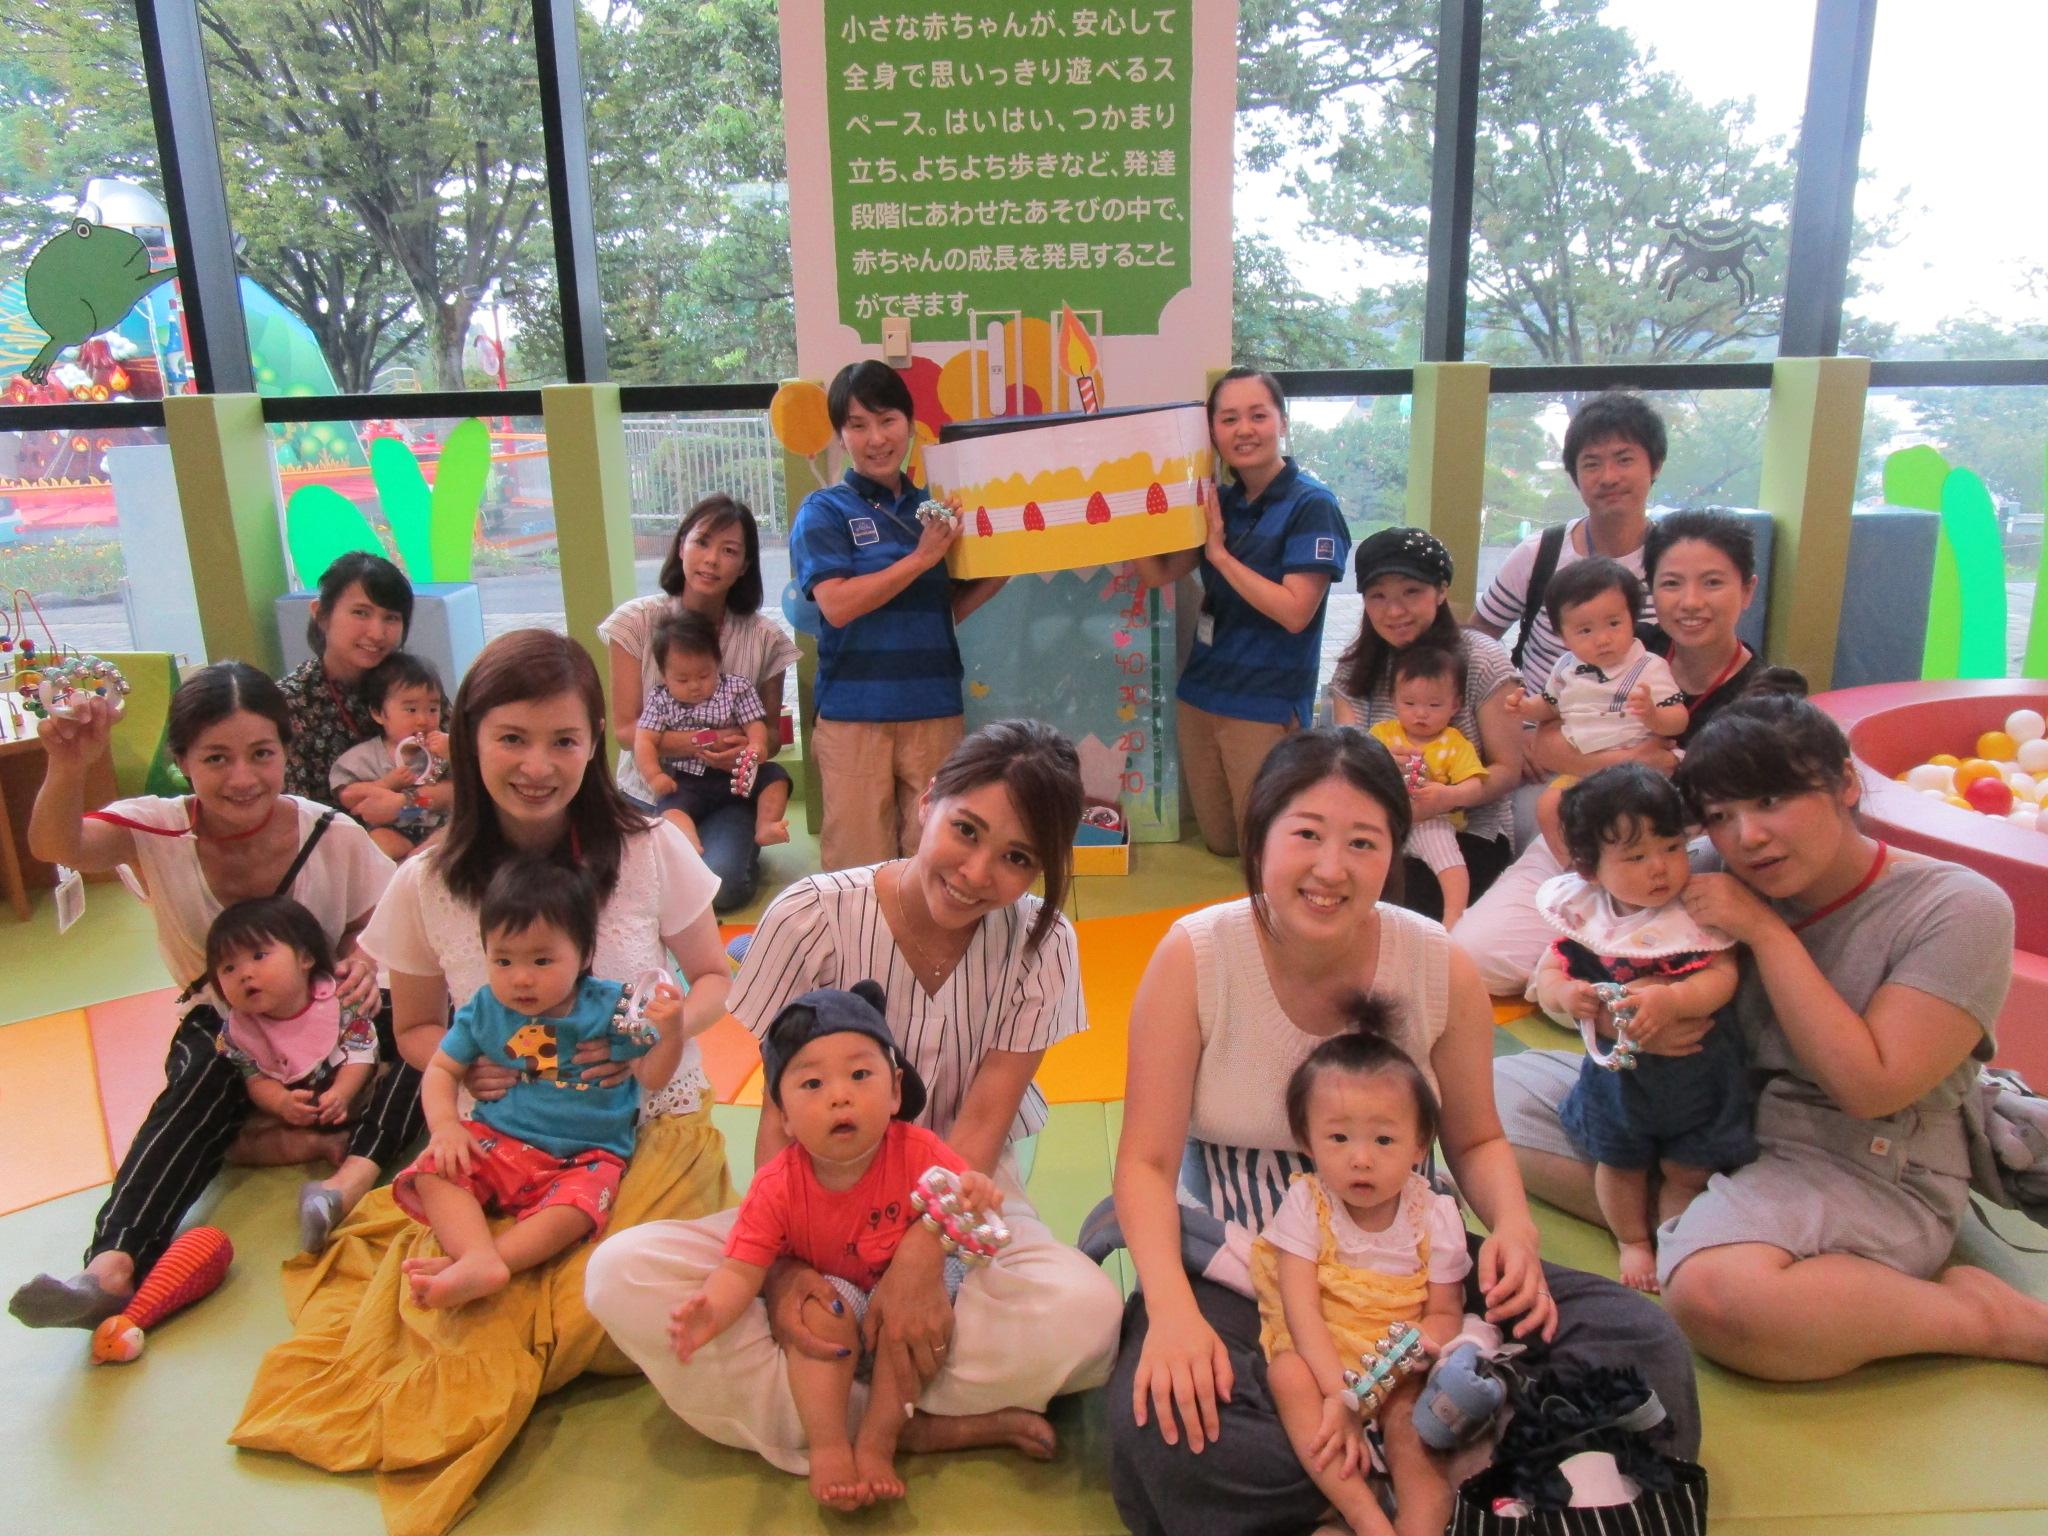 赤ちゃんイベント 『1歳のお誕生日会』/『ハイハイレース』/『サプライズイベント』